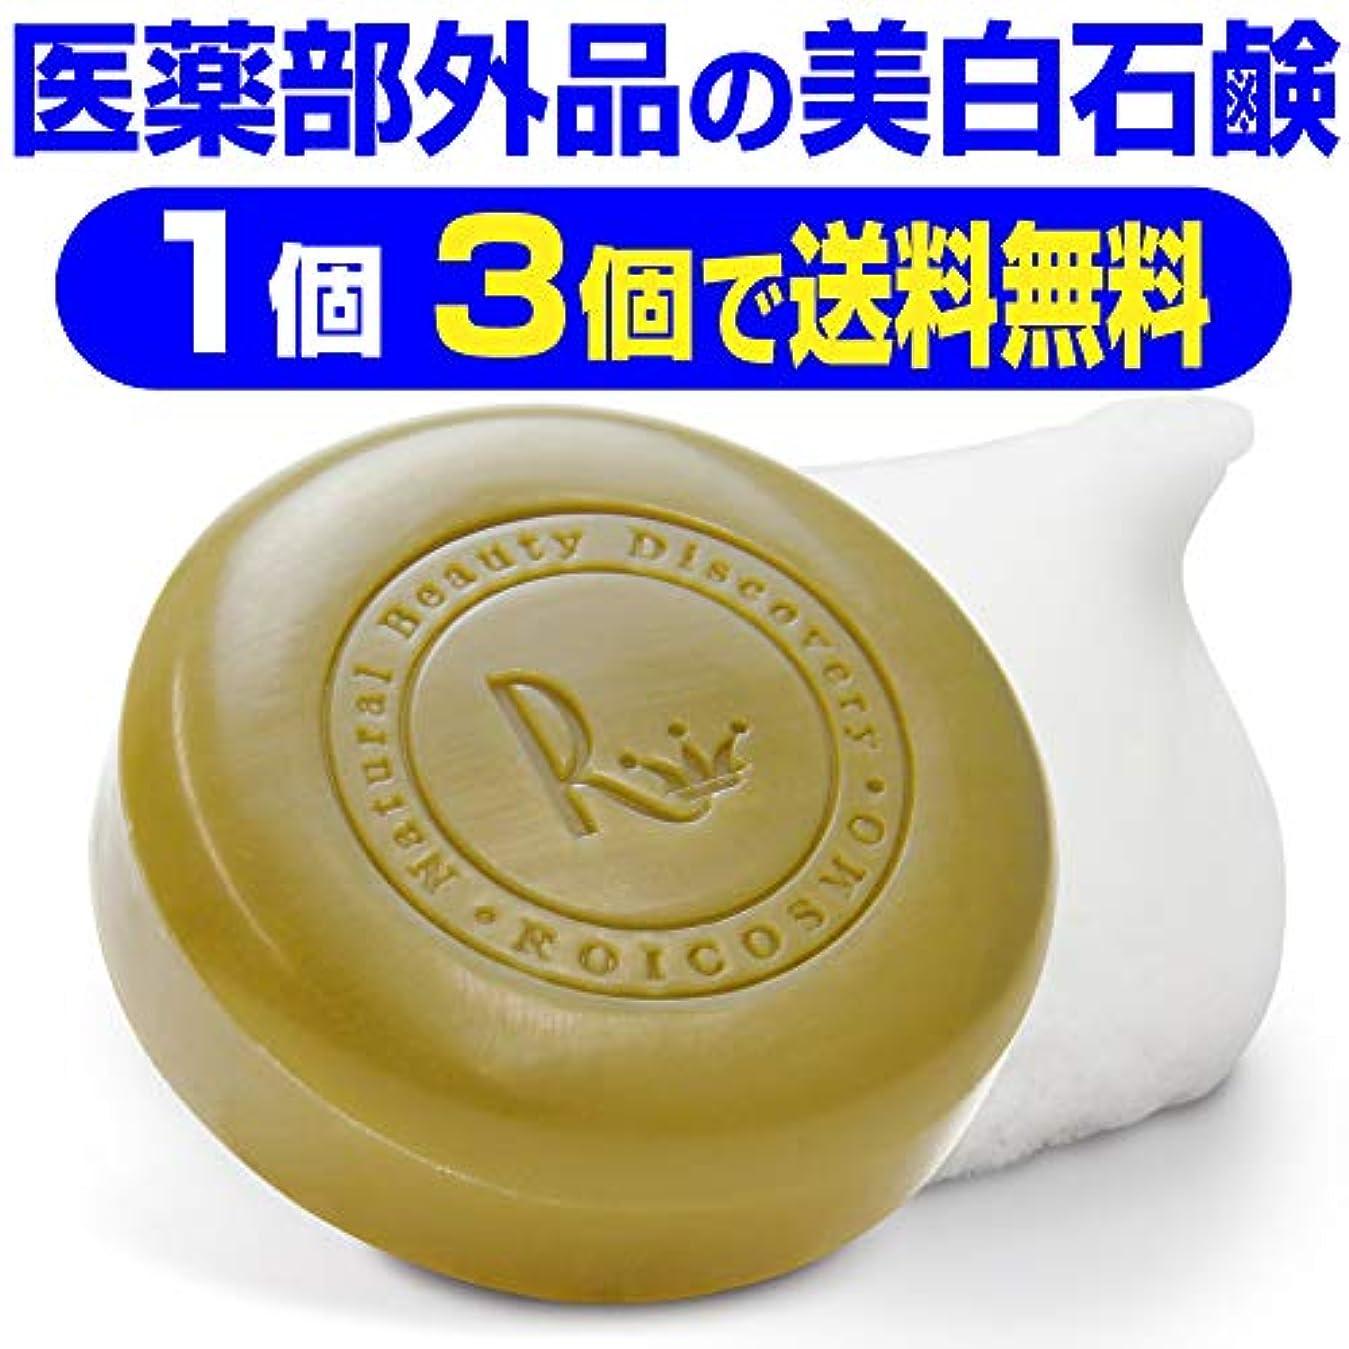 航空機市区町村グローブ美白石鹸/ビタミンC270倍の美白成分配合の 洗顔石鹸 固形『ホワイトソープ100g×1個』